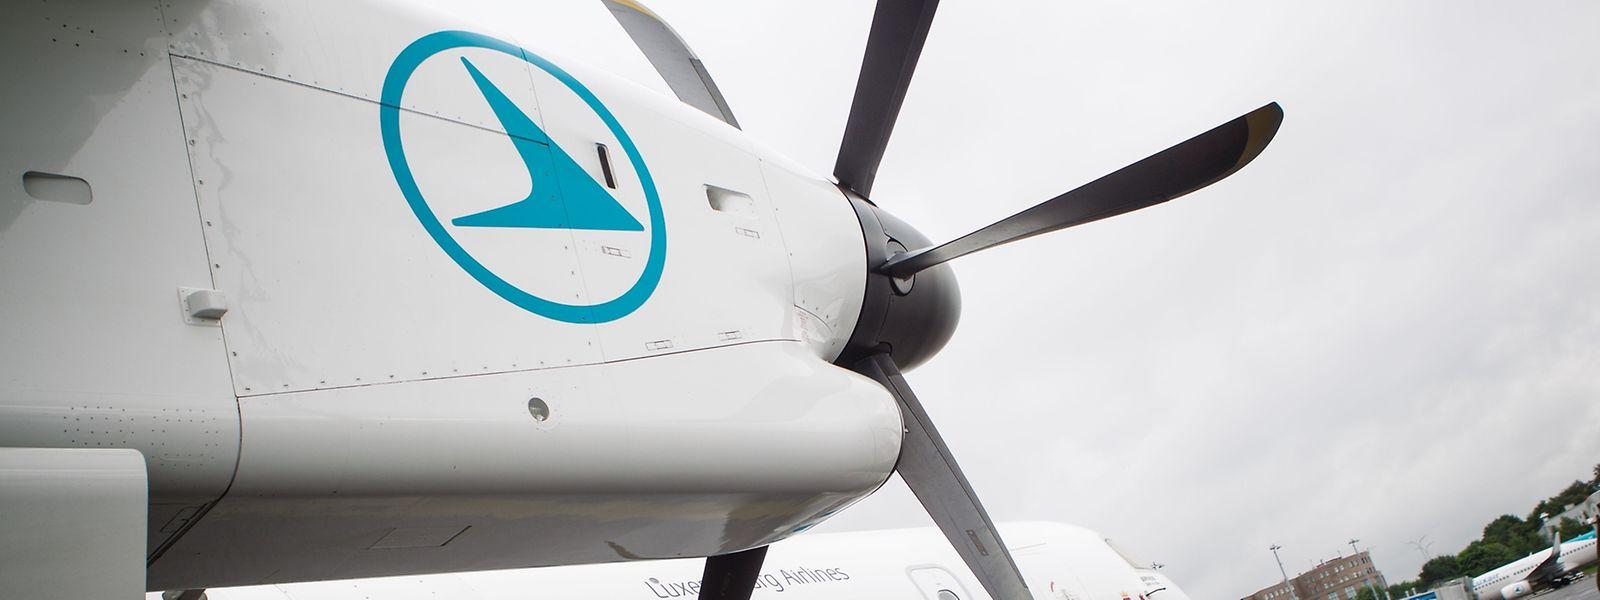 Das neue Flugzeug wird voraussichtlich im Oktober kommenden Jahres in Dienst gestellt werden.